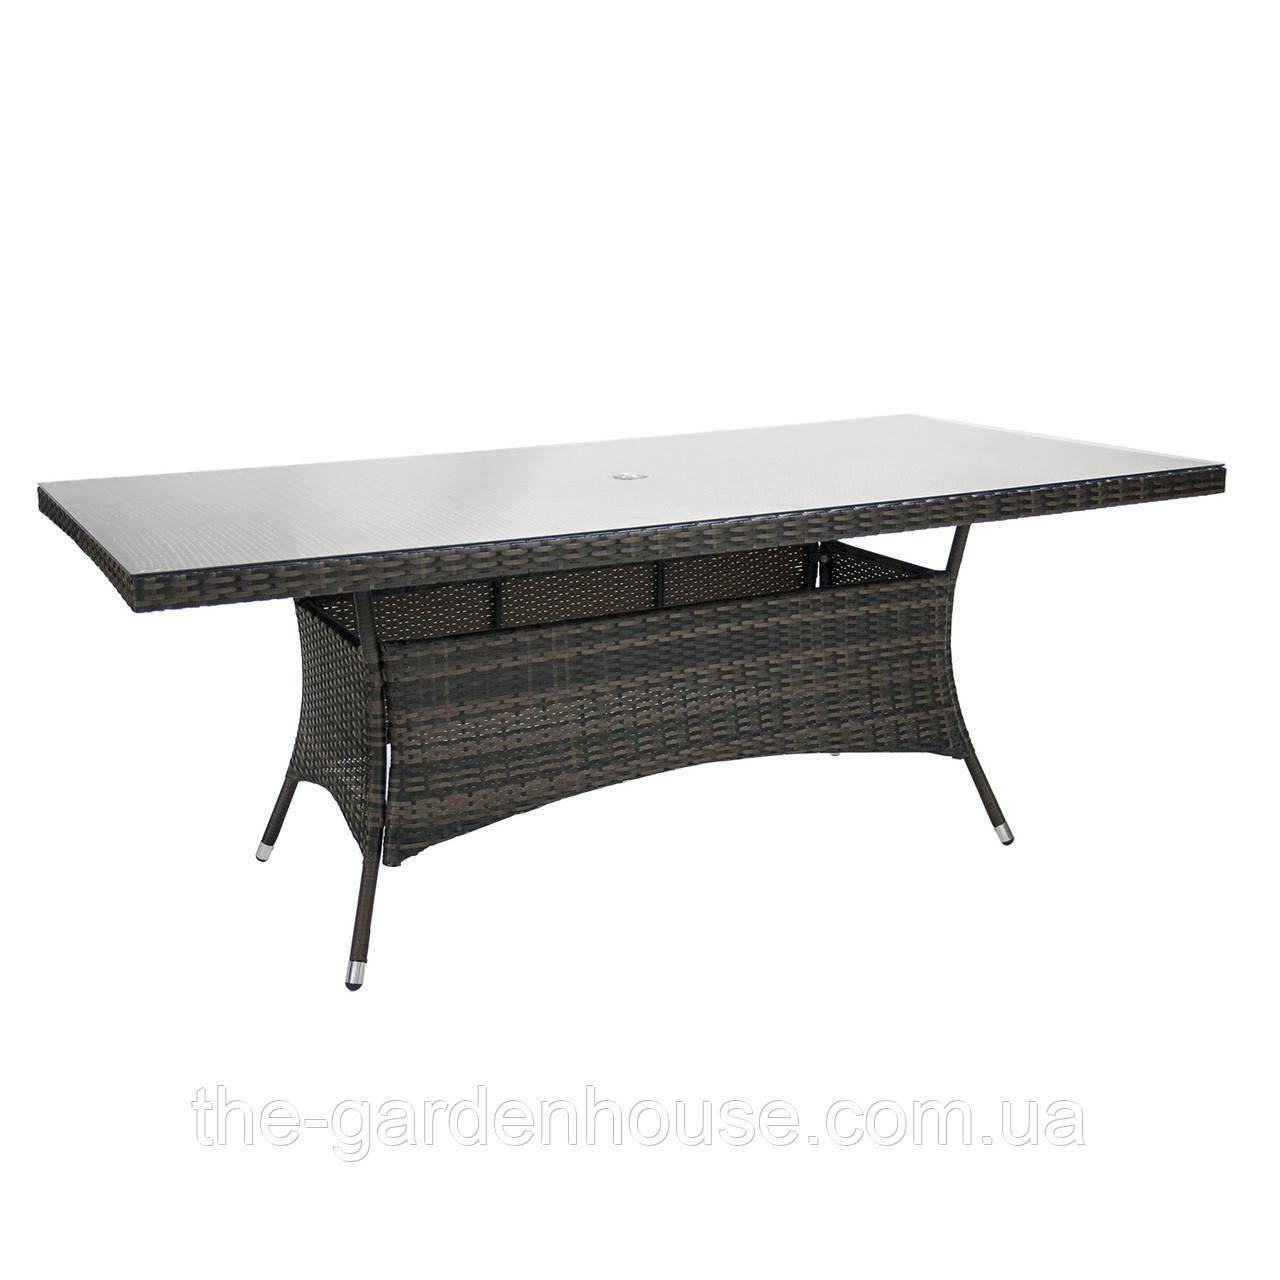 Обеденный стол Wicker из искусственного ротанга со стеклом 200х100 см темно-коричневый